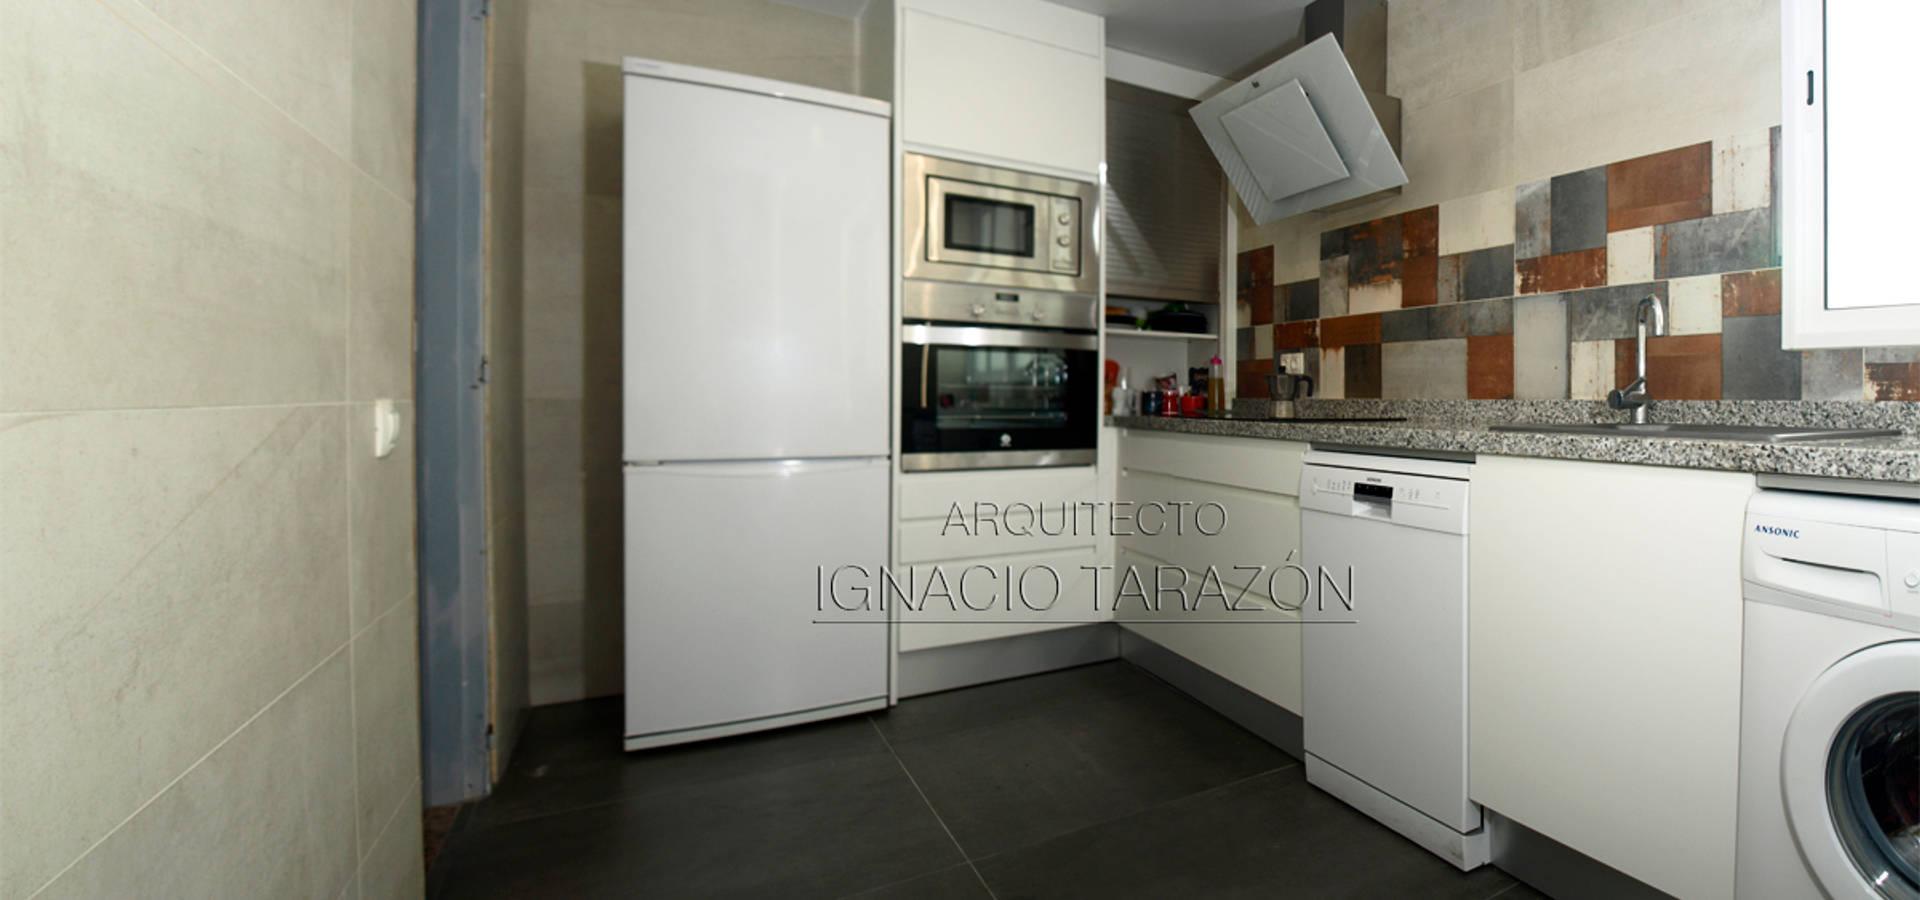 Ignacio Tarazón arquitectura/architecte